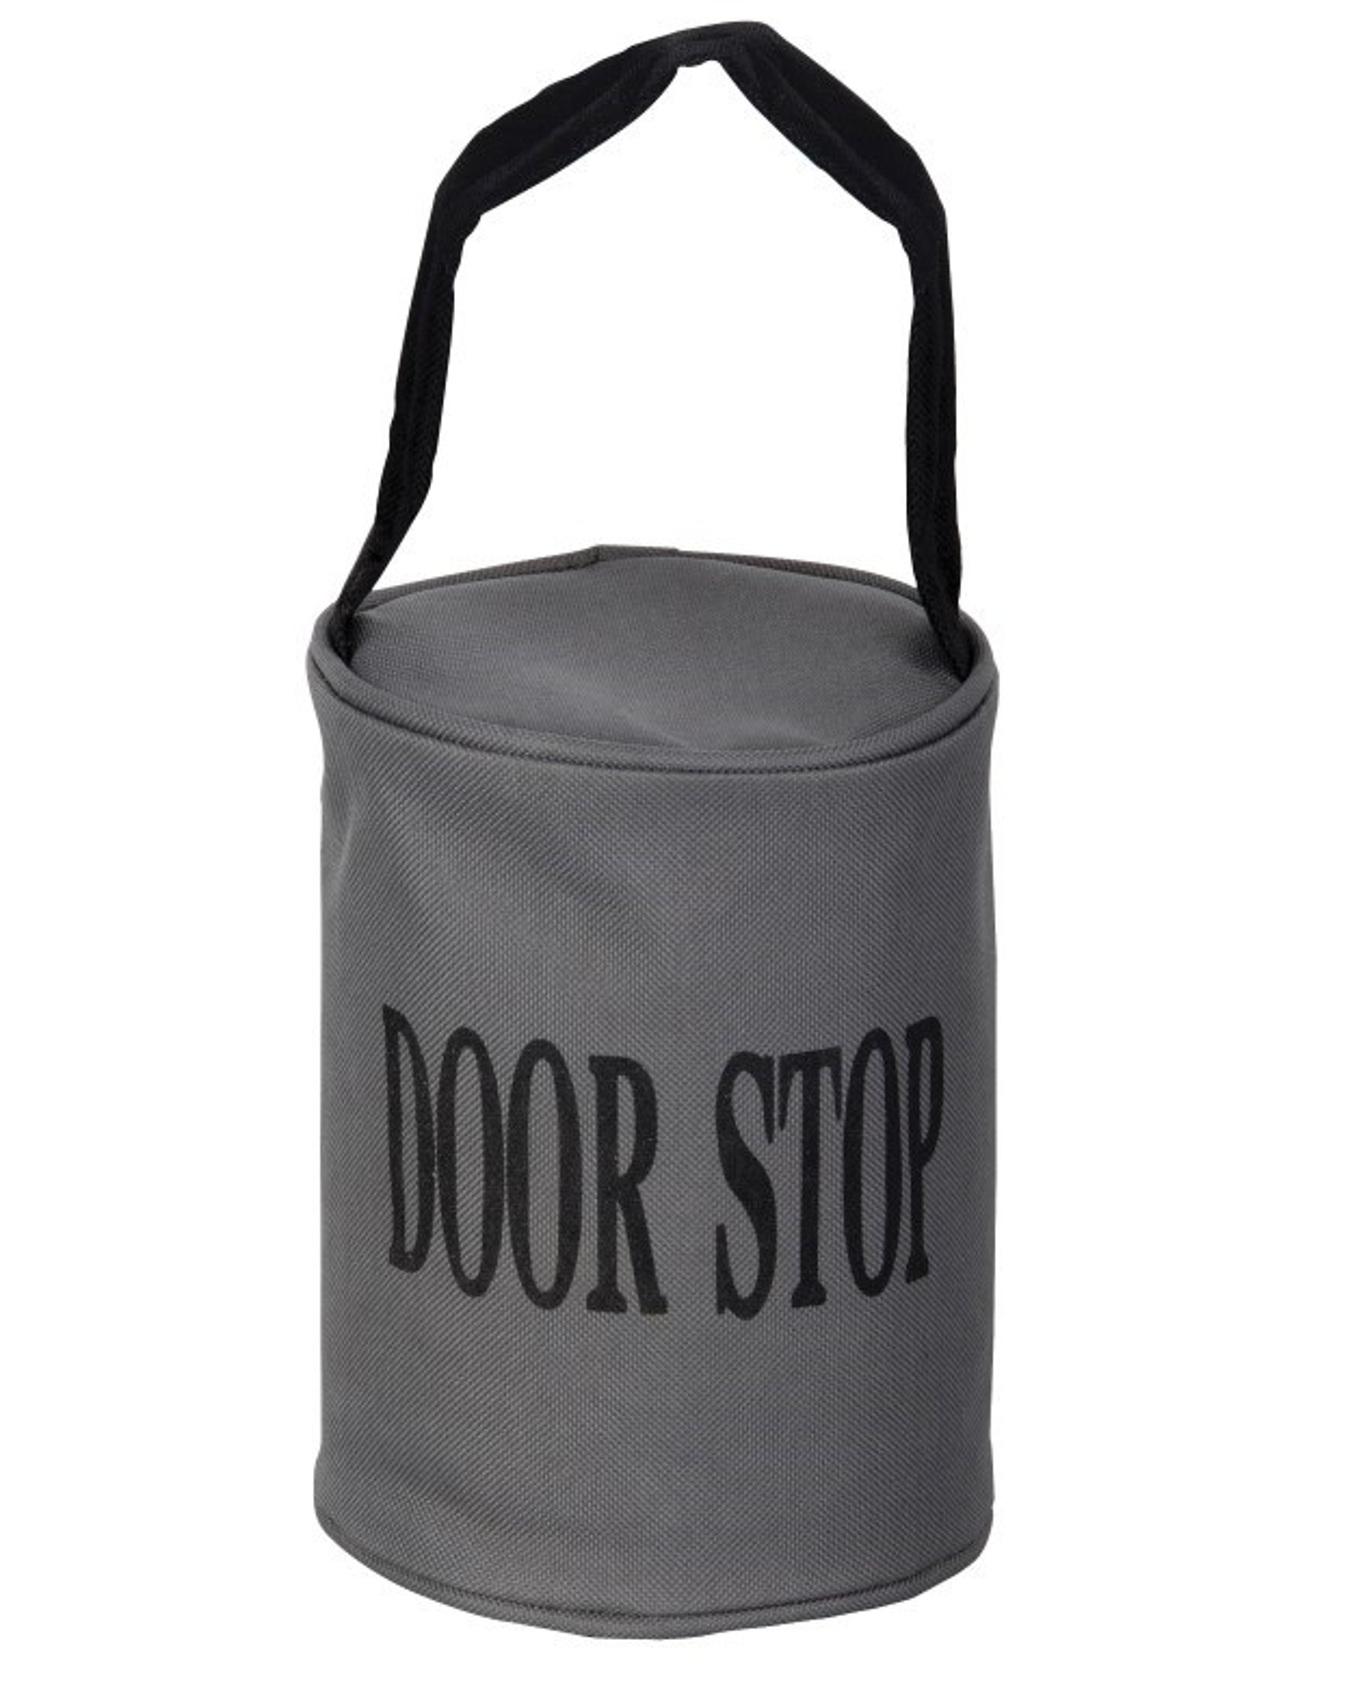 Grey Doorstop Heavy Duty 2.5KG Fabric Home Door Stop Stopper With Black  Handle